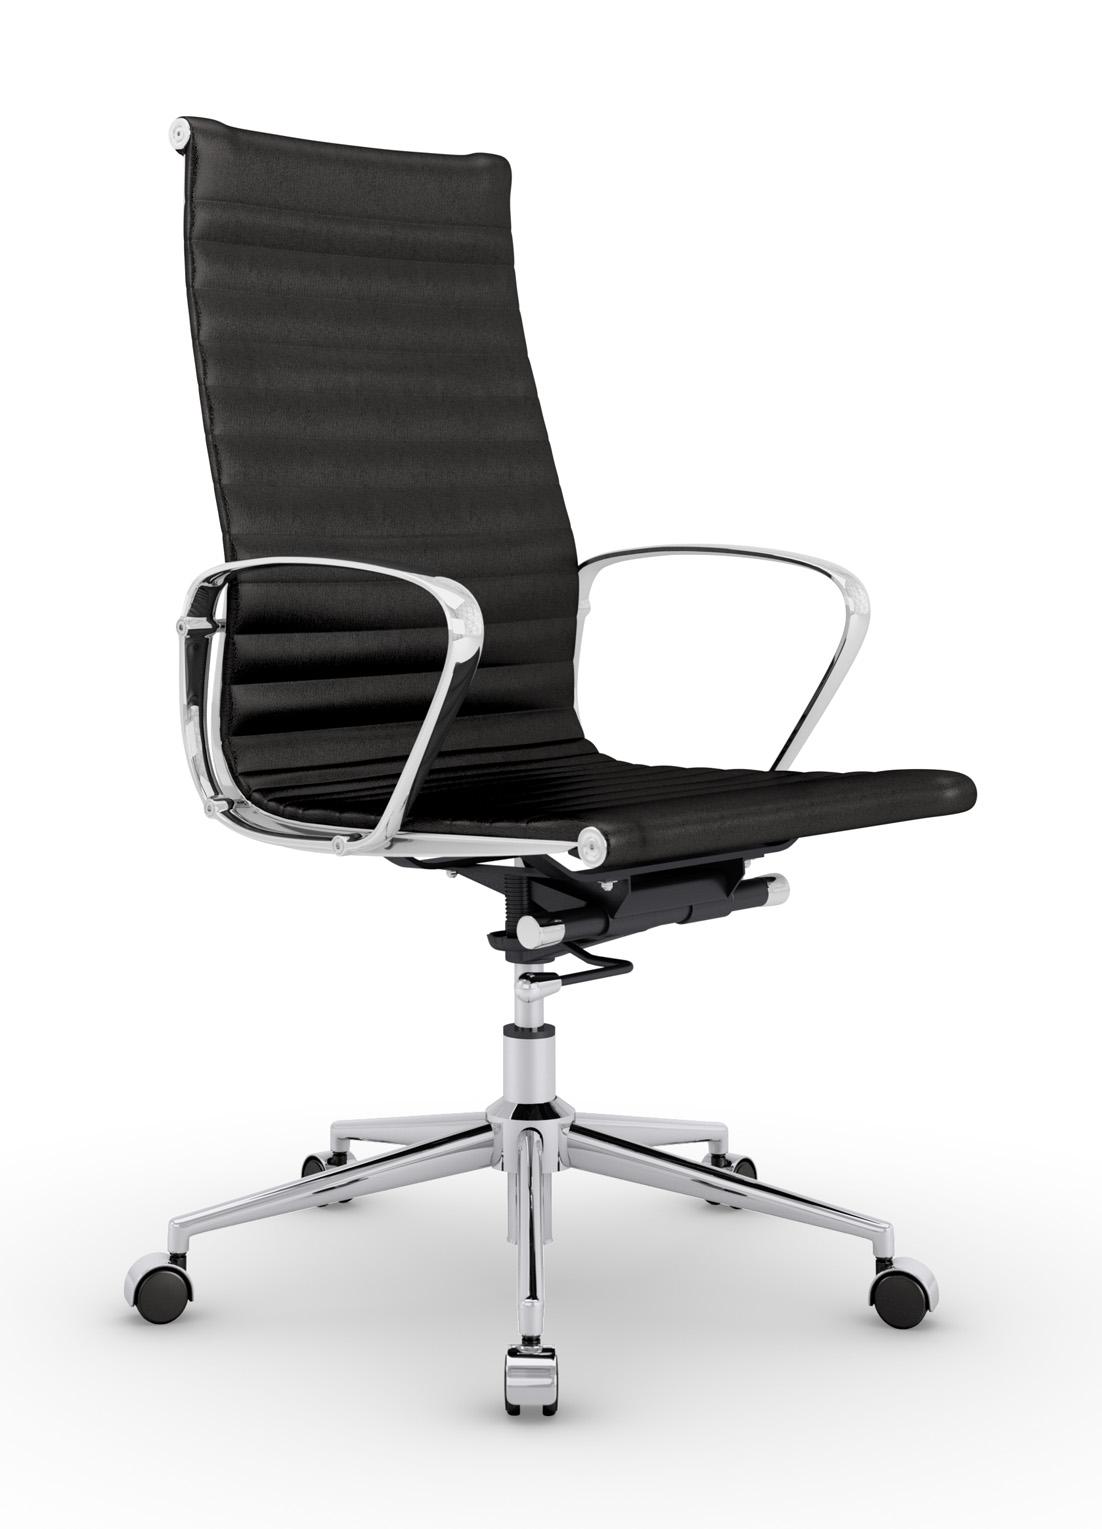 Artix forum sillas y sillones para despachos for Cotizacion de muebles para oficina